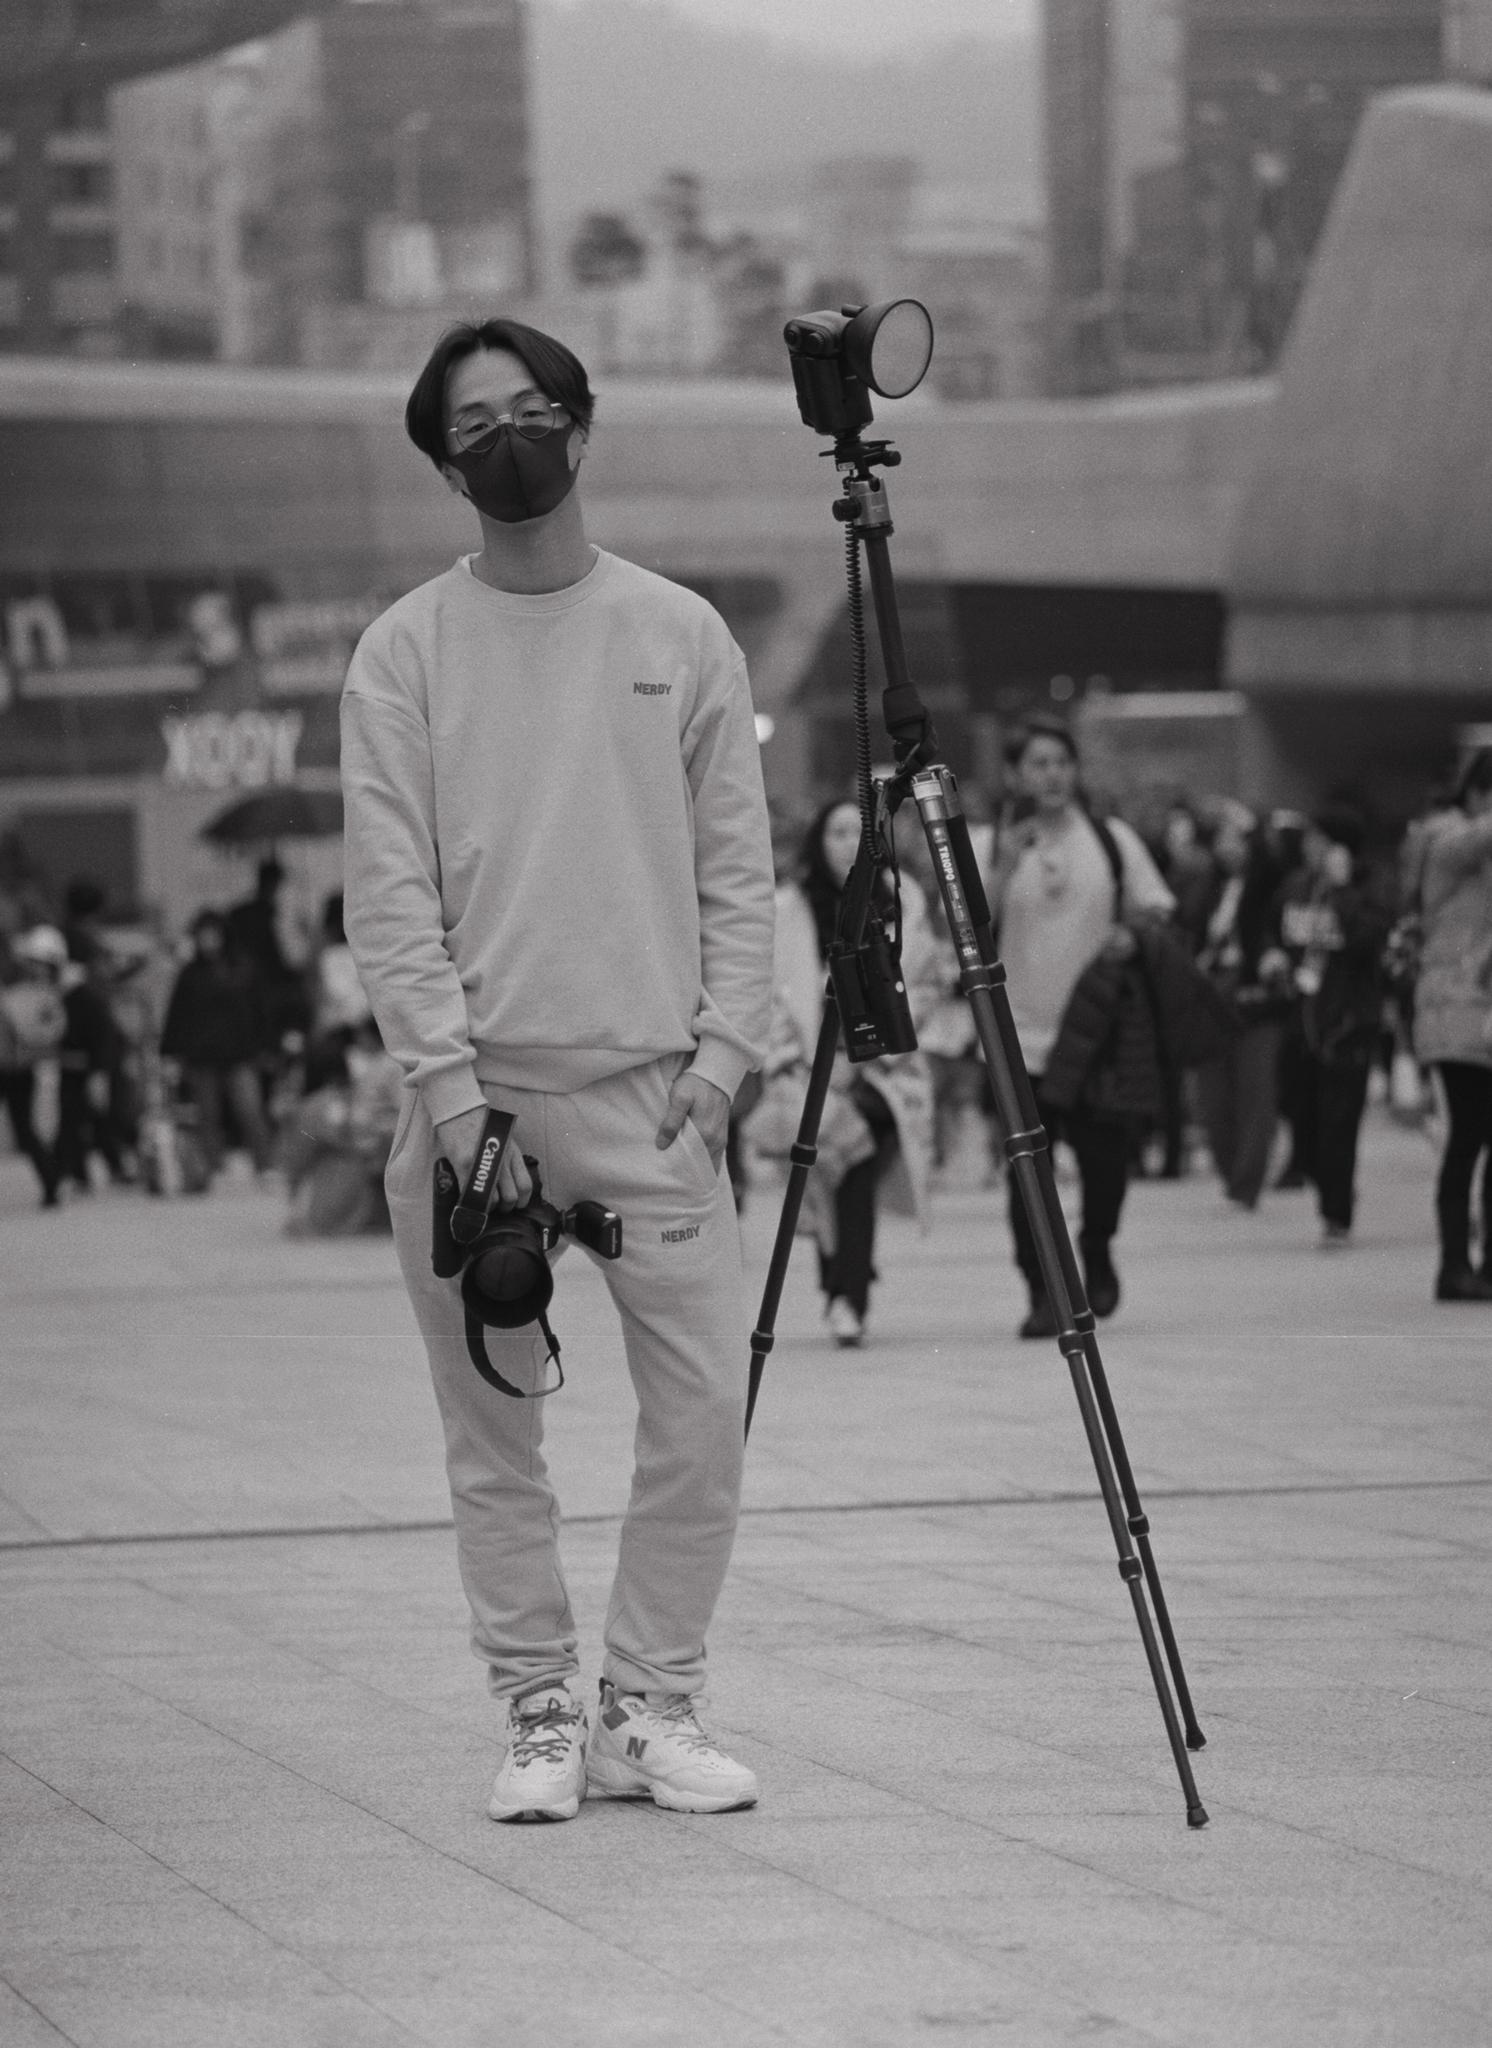 """옥 영철 (31) – """"긍정적인 마인드를 갖고 살자""""  Okyongchul (31) – """"Let's live with positive mind(attitude)."""""""